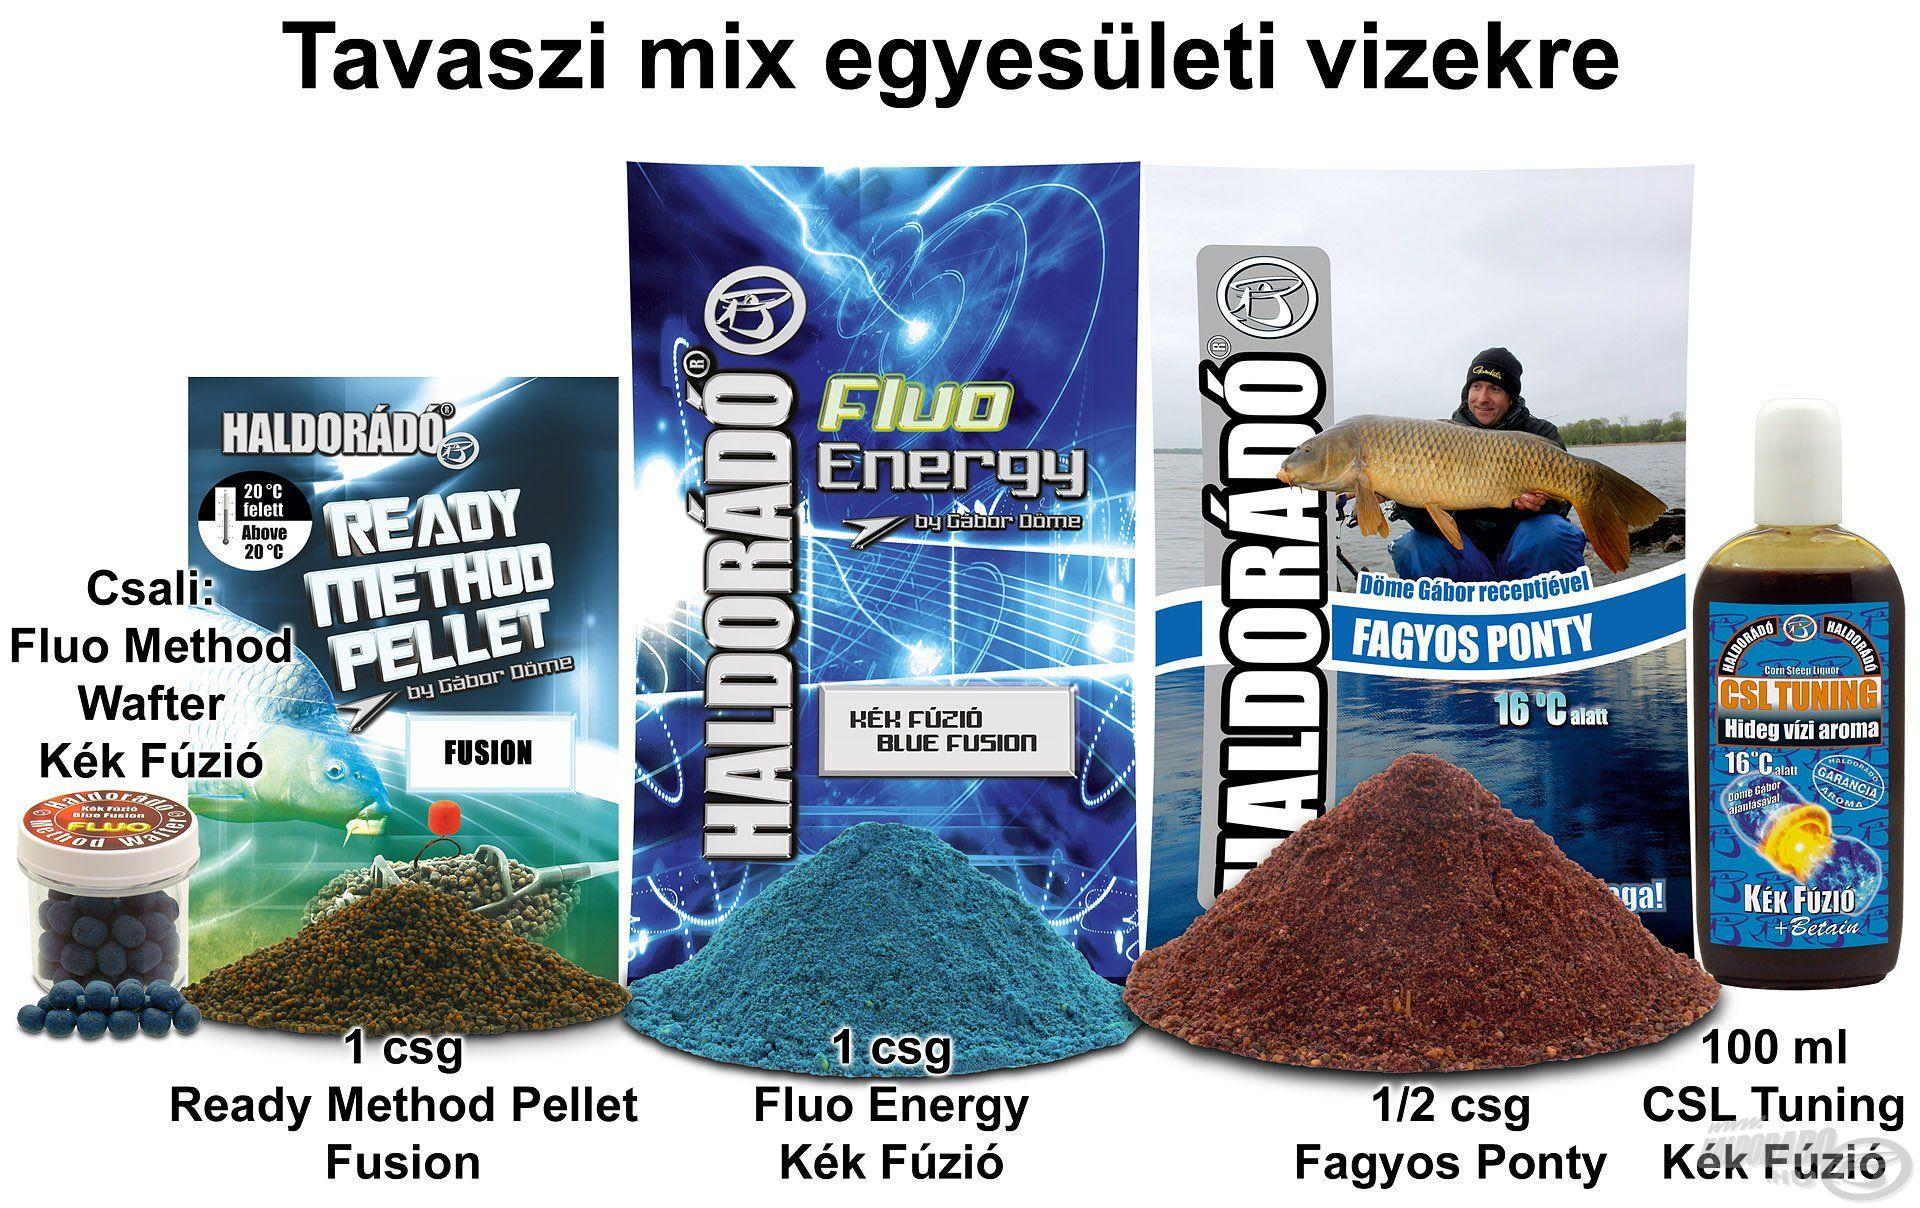 Tavaszi mix egyesületi vizekre